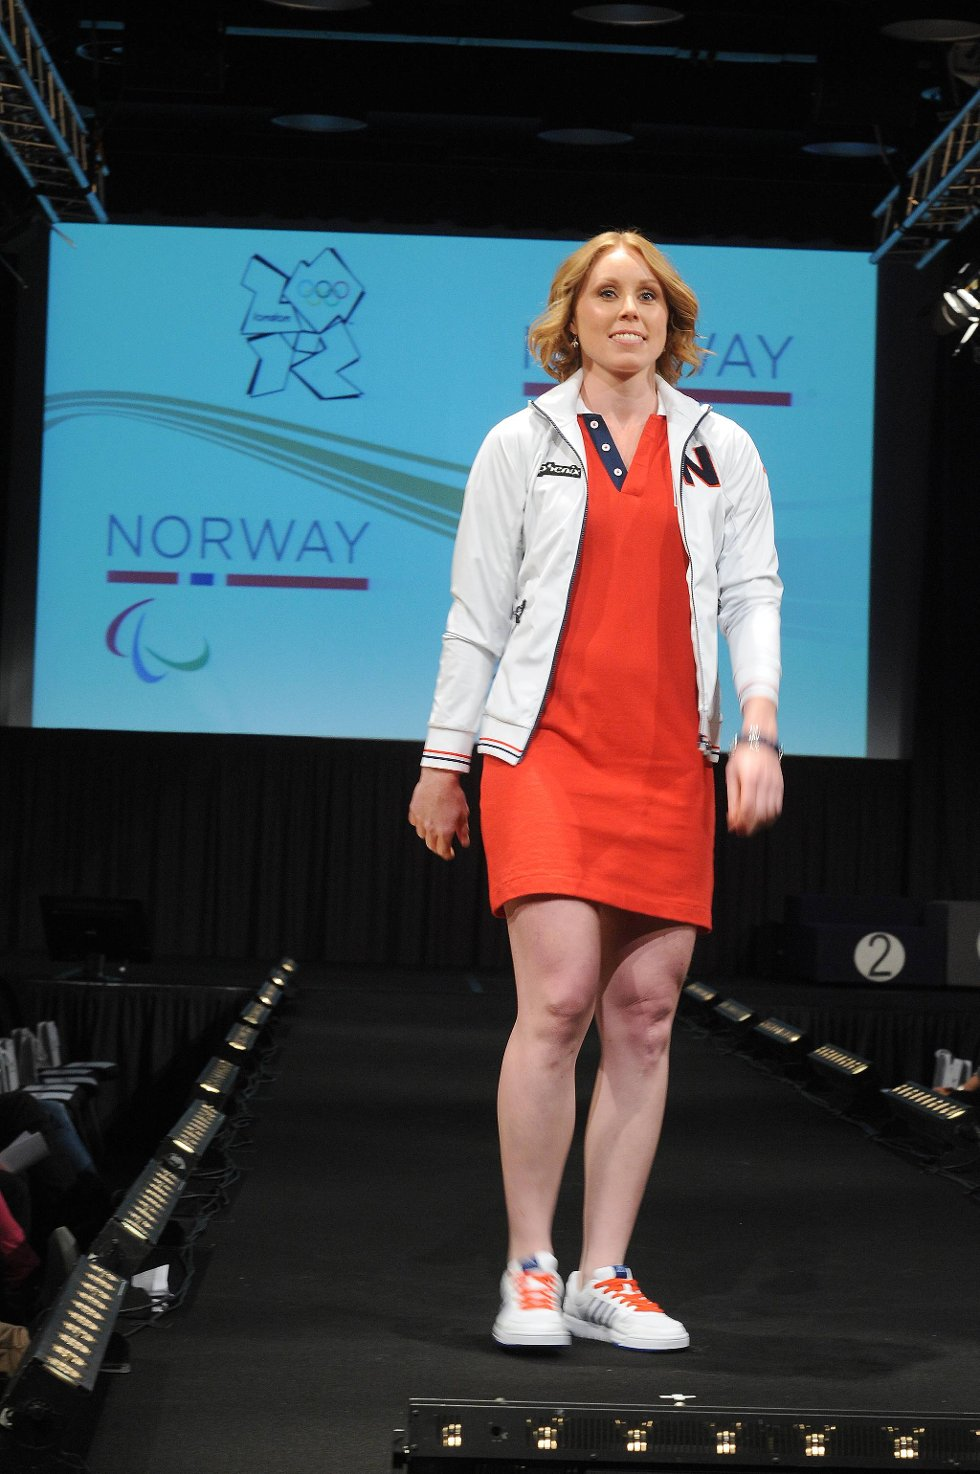 Caroline Dyhre Breivang viste fram en flott rød kjole. (Foto: Terje Pedersen, ANB)